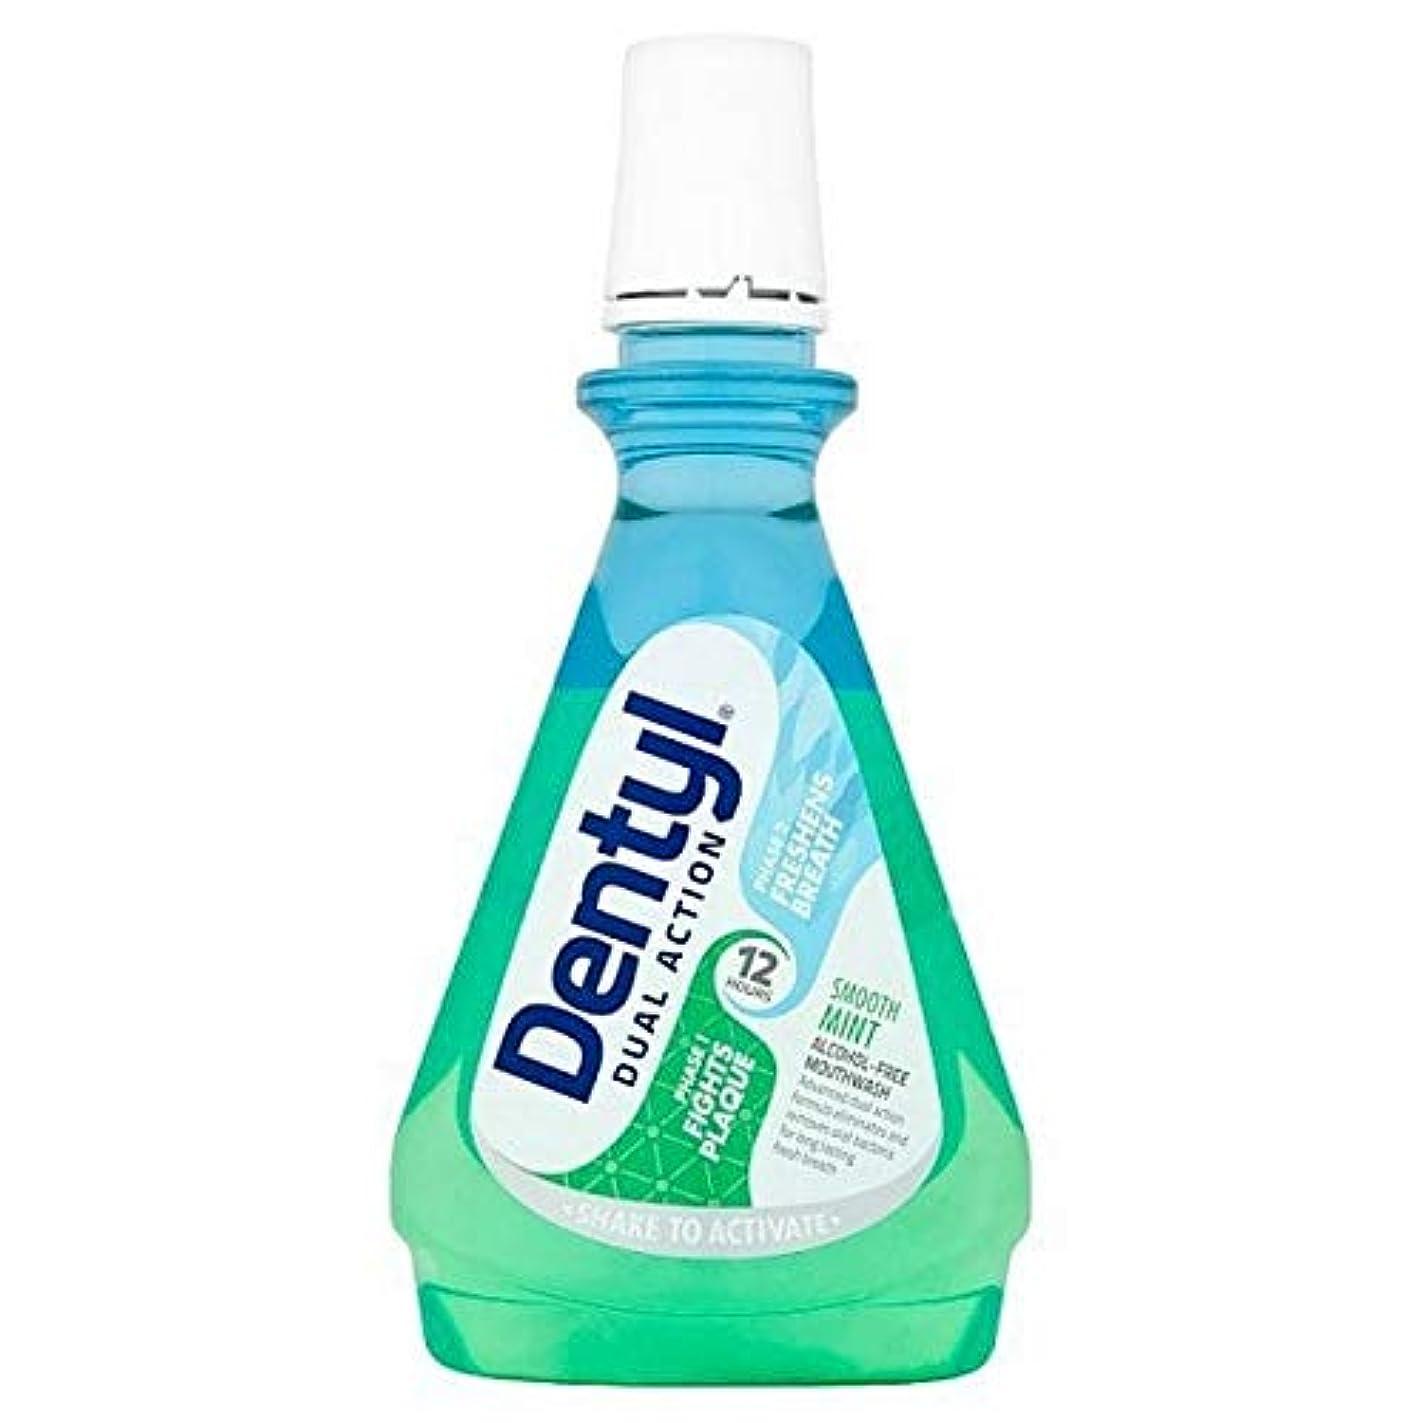 海藻ペパーミント設置[Dentyl] DentylのPhはミントアルコールフリーのミントマウスウォッシュ500ミリリットル - Dentyl PH Mint Alcohol Free Mint Mouthwash 500ml [並行輸入品]